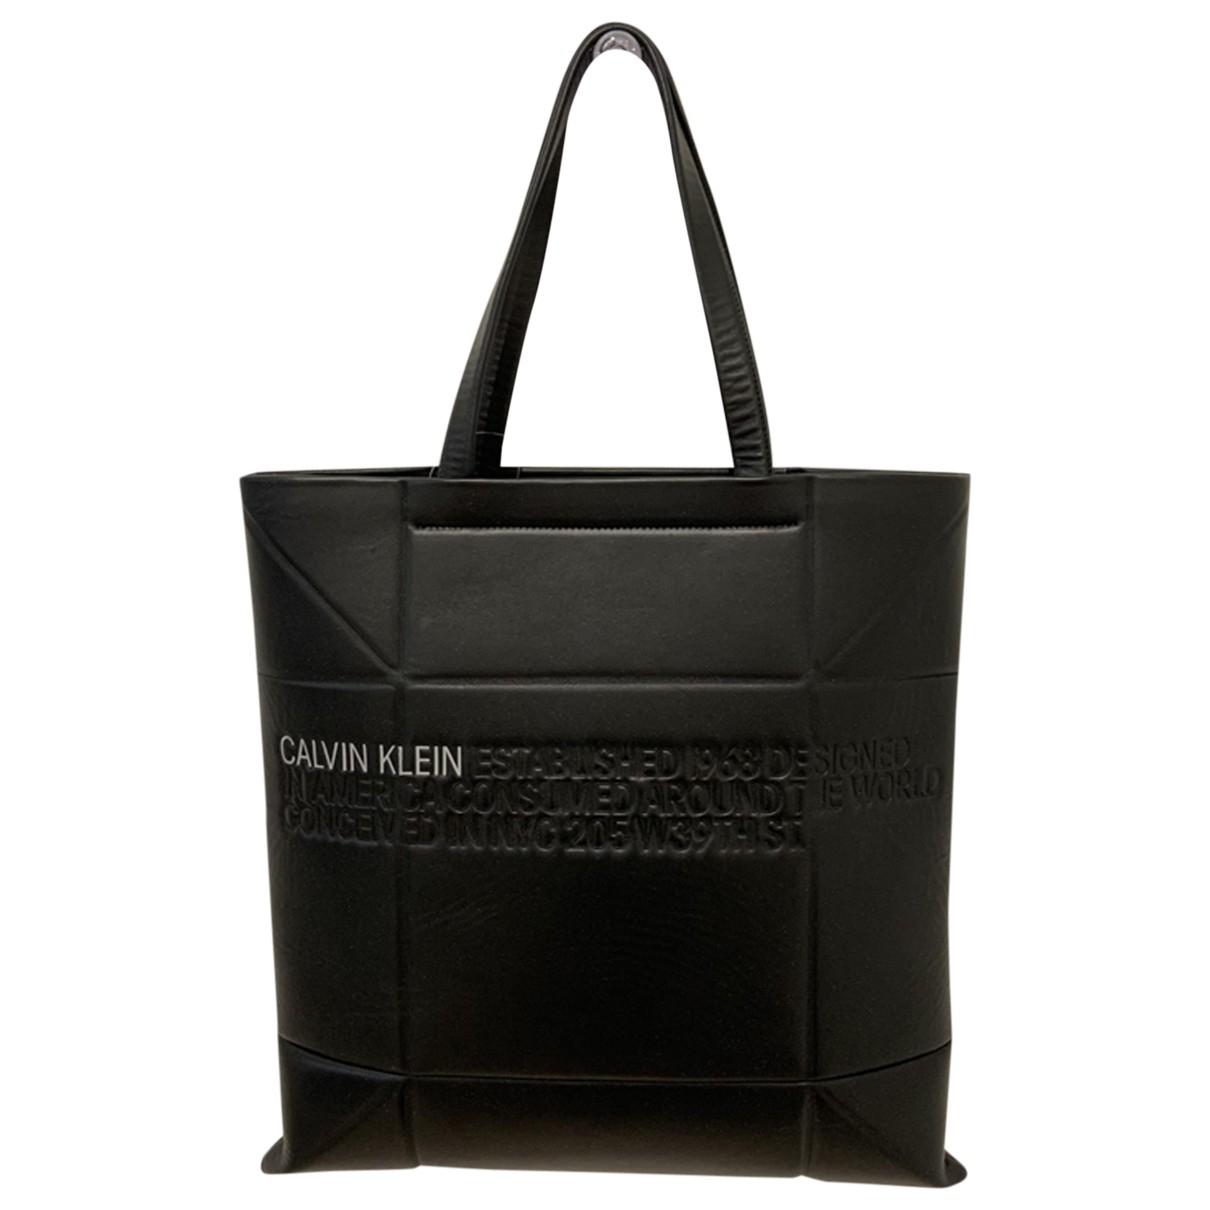 Calvin Klein 205w39nyc \N Handtasche in  Schwarz Leder